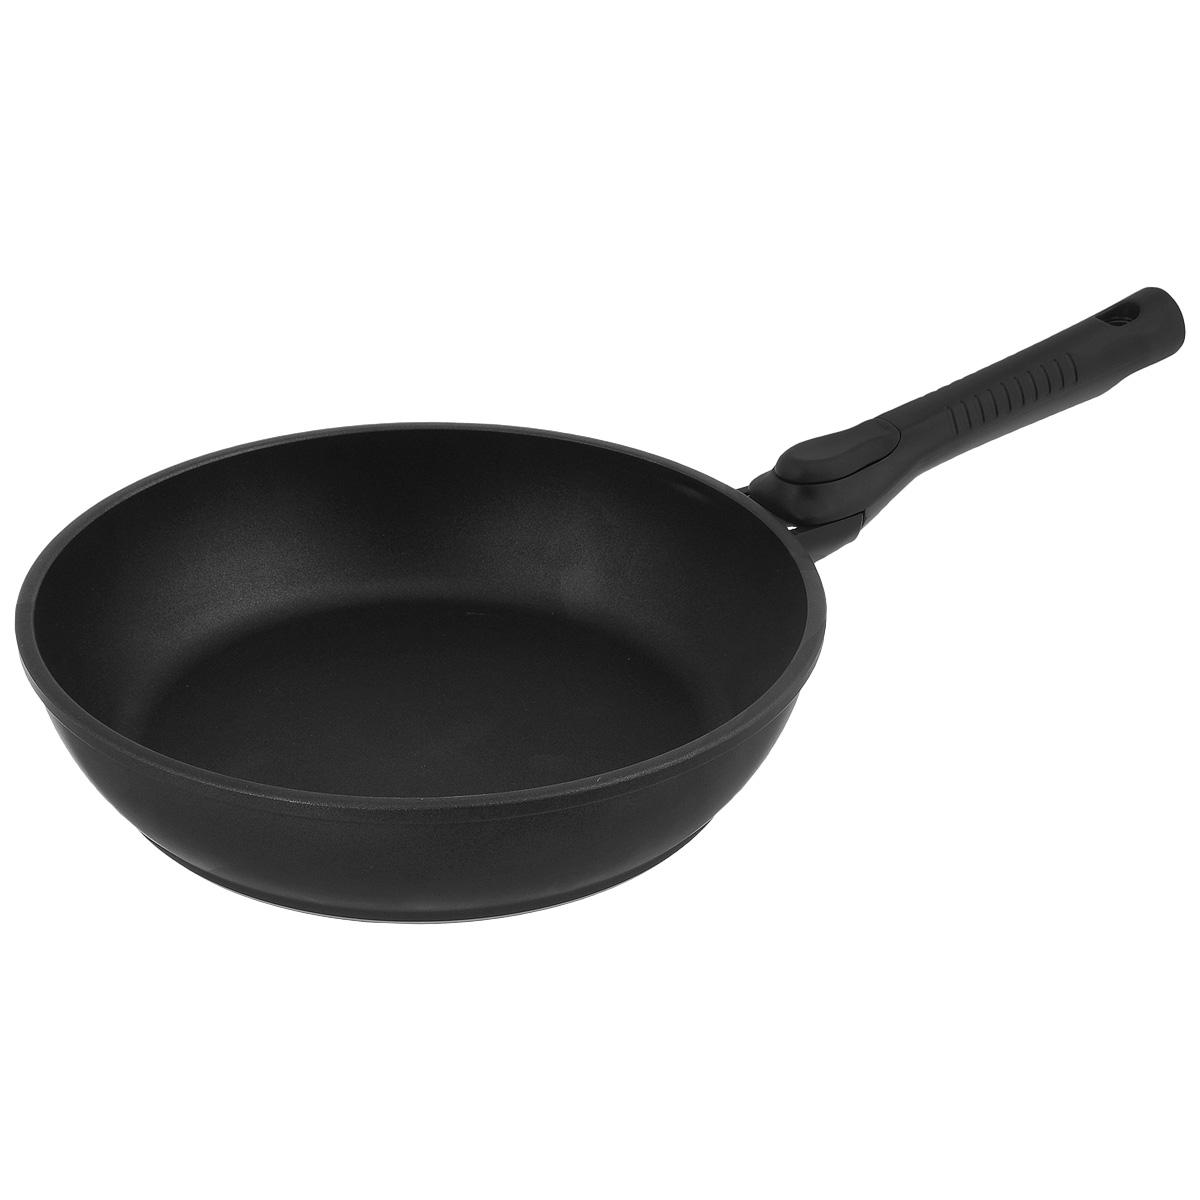 Сковорода литая Нева Металл Посуда Классическая, с антипригарным покрытием, со съемной ручкой, цвет: черный. Диаметр 24 см8024УСковорода НМП Классическая из литого алюминия, с 4-слойным полимер-керамическим антипригарным покрытием, многофункциональна и удобна в эксплуатации, в ней можно жарить, тушить и томить. Отлично подходит для приготовления гарниров и блюд с большим количеством ингредиентов. Эргономичная ручка - съемная, что позволяет использовать сковороду в духовом шкафу. Благодаря качественному антипригарному покрытию, вы можете готовить с минимальным количеством масла. Особенности посуды серии ТИТАН: - 4-слойная антипригарная полимер-керамическая система ТИТАН является эталоном износостойкости антипригарного покрытия, непревзойденного по сроку службы и длительности сохранения антипригарных свойств, благодаря особому составу, структуре и толщине - в состав системы ТИТАН входят антипригарные слои на водной основе - система ТИТАН традиционно производится без использования PFOA /перфтороктановой кислоты/ - равномерно нагревается за счет особой конструкции корпуса по принципу золотого сечения, толстых стенок и еще более толстого дна - приготовленная еда получается особенно вкусной благодаря специфическим термоаккумулирующим свойствам литого алюминия - подходит для газовых, электрических и стеклокерамических плит. Посуду можно мыть в посудомоечной машине- корпус практически не подвержен деформации даже при сильном нагреве - изделия проходят тесты по условному циклу приготовления: нагрев до 220°С, охлаждение, истирание губкой с 5%-раствором моющего средства. Сковороды с покрытием ТИТАН выдерживают более 4000 таких циклов.Диаметр: 24 см.Высота стенки: 6 см. Толщина стенки: 4 мм.Толщина дна: 6 мм.Длина ручки: 20 см.